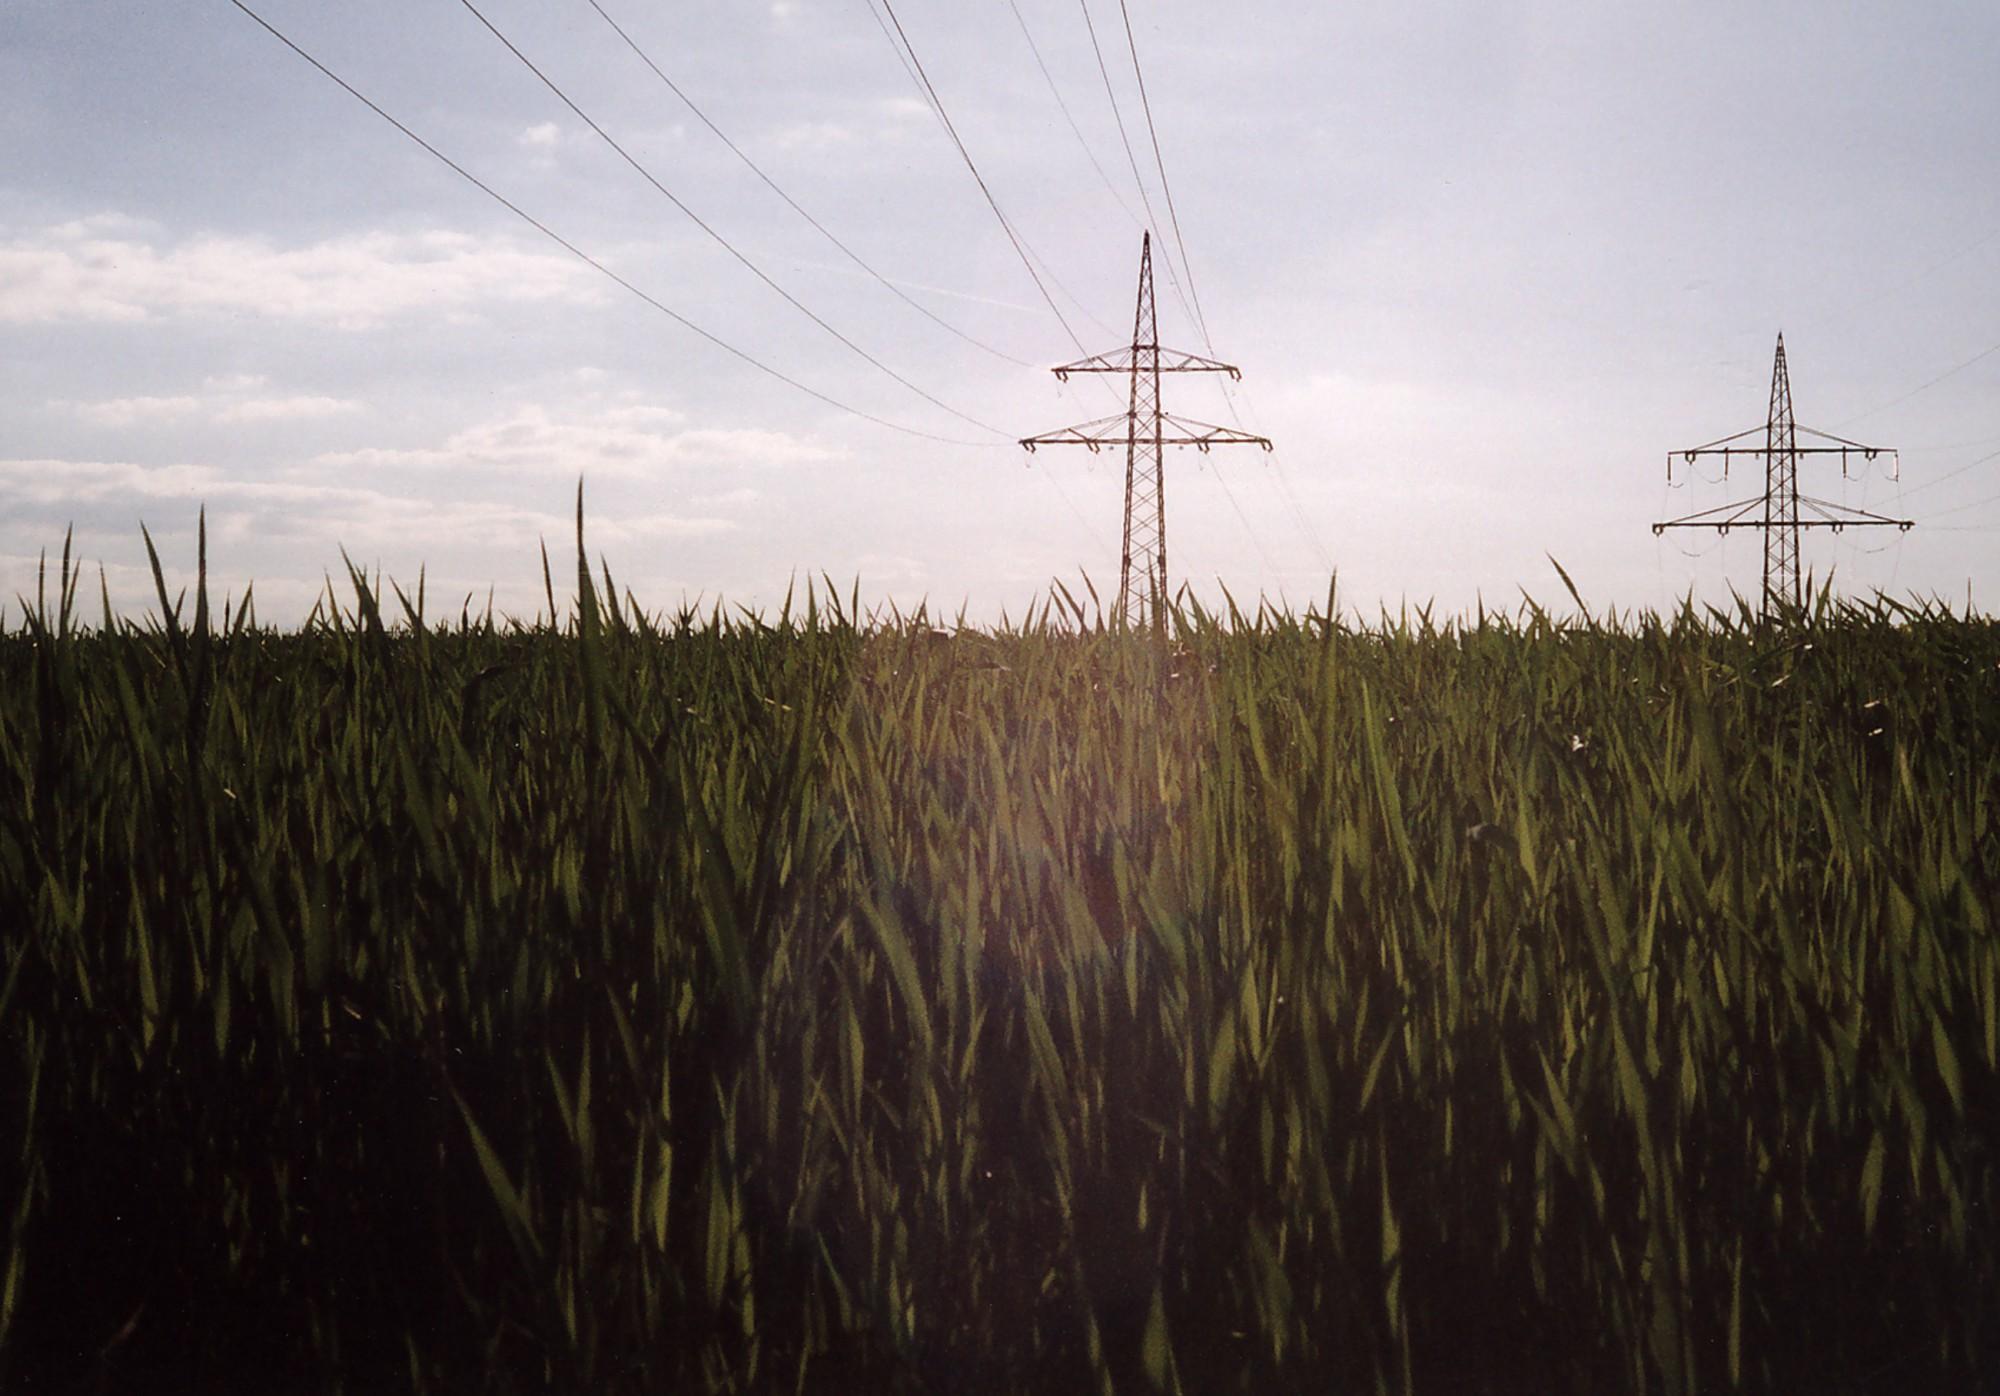 Untere Hälfte Grasfeld bis zum Horizont, Obere Hälfte Himmel, auf dem Feld stehen 2 Strohmmasten